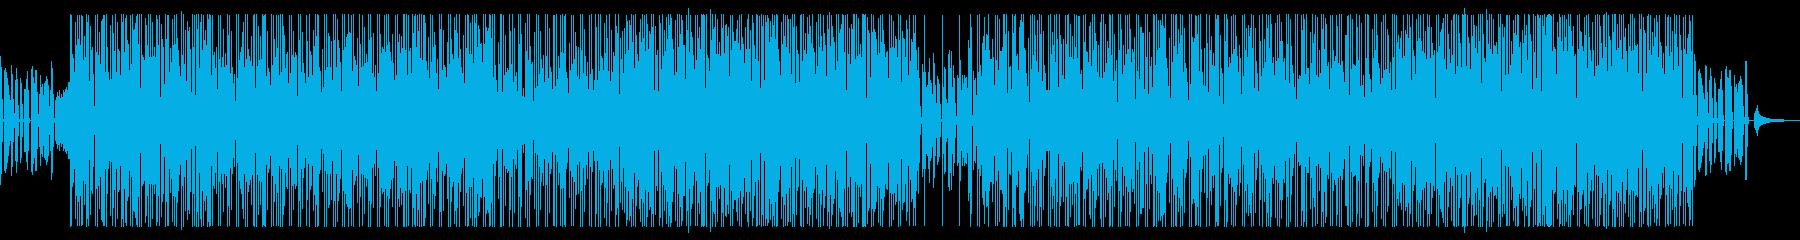 爽やかなボサノバ調の再生済みの波形